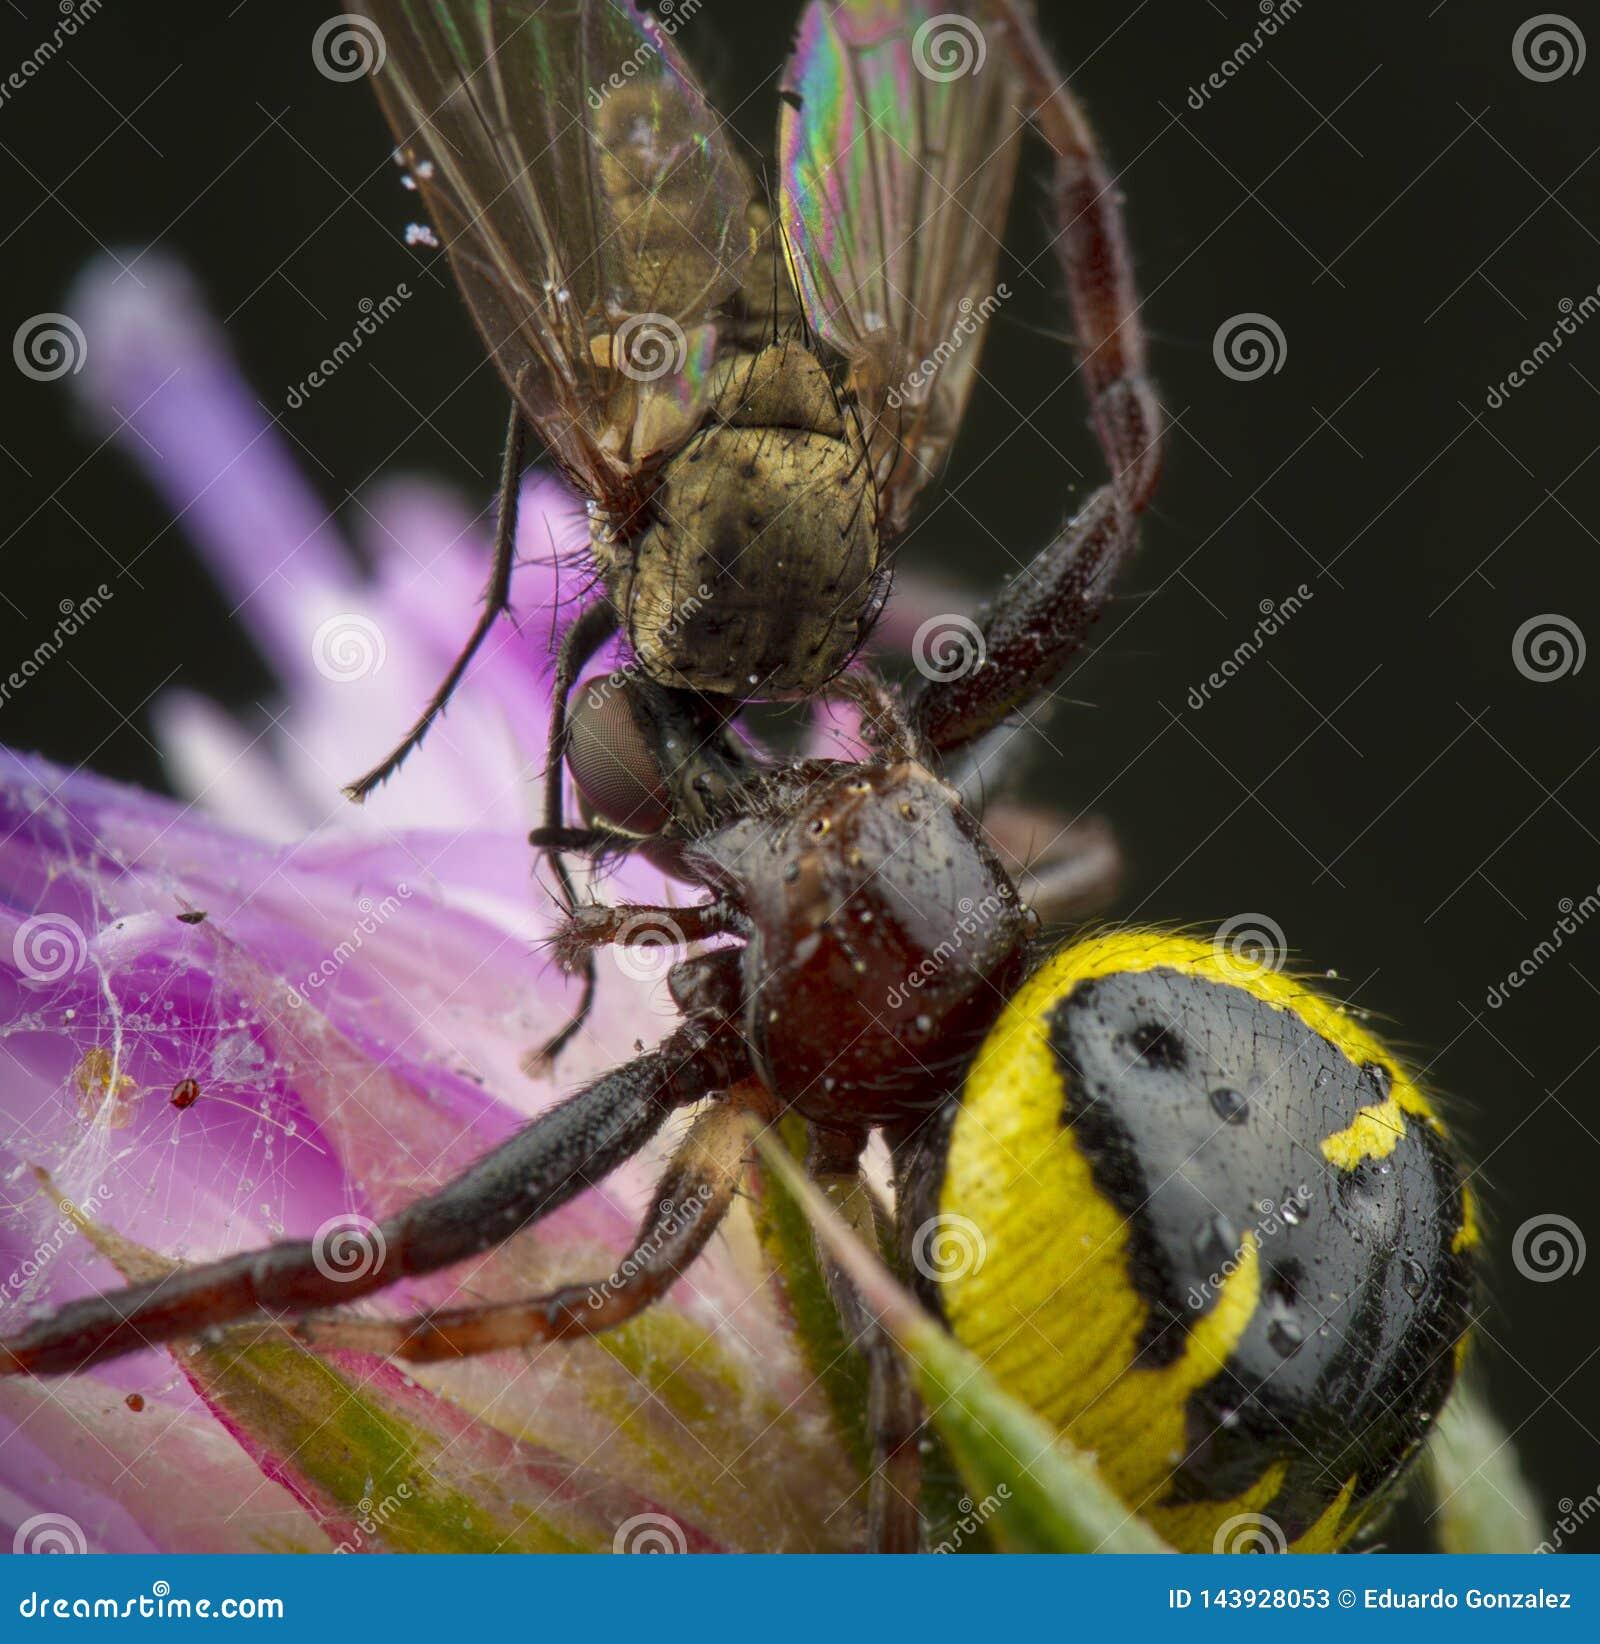 Mała miodowa pszczoła łapiąca pająkiem